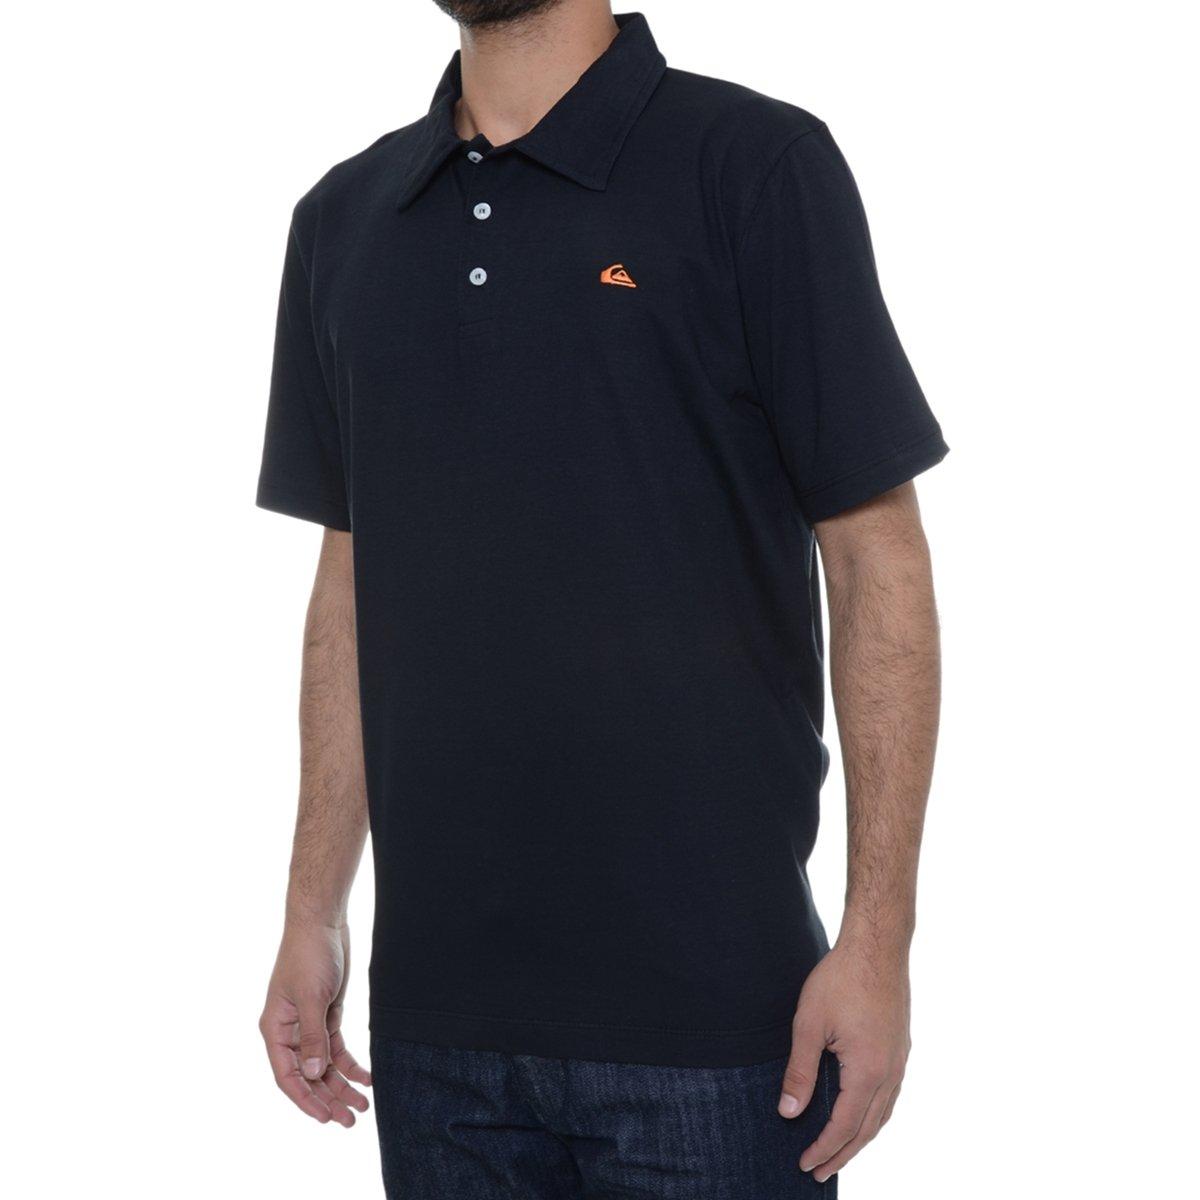 4f539a6748905 Camisa Polo Quiksilver Send  Camisa Polo Quiksilver Send ...